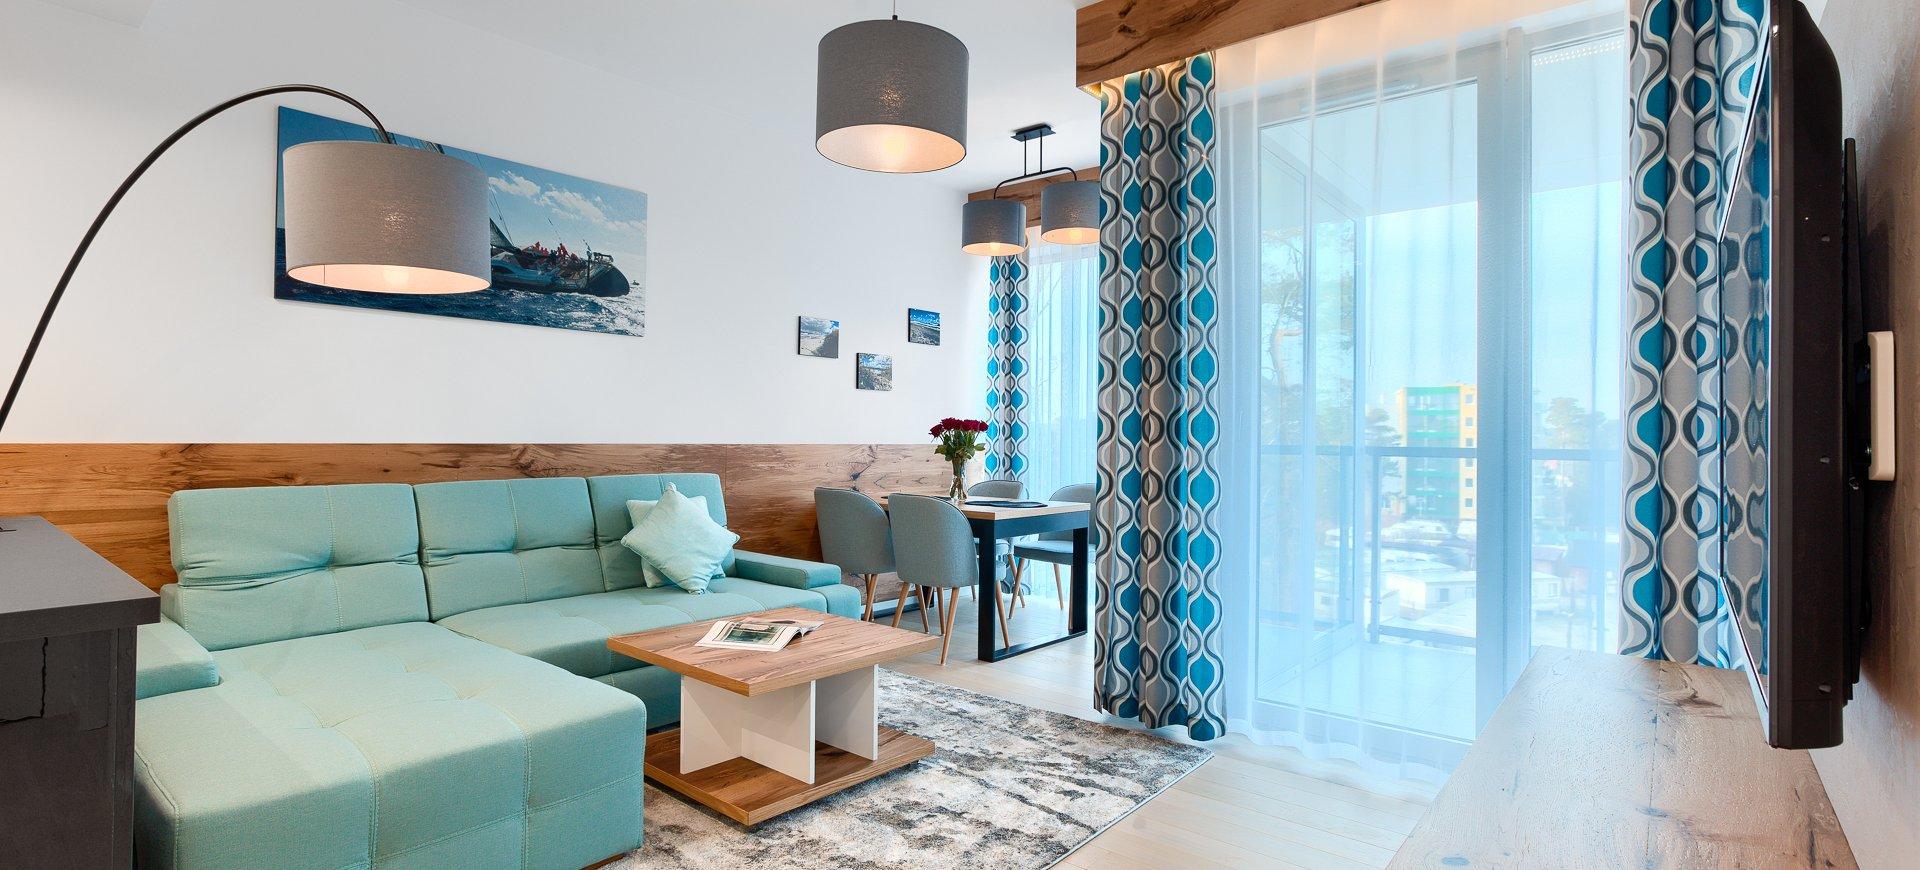 Apartament Deluxe z 1 sypialnią 3.13 C z bocznym widokiem na morze